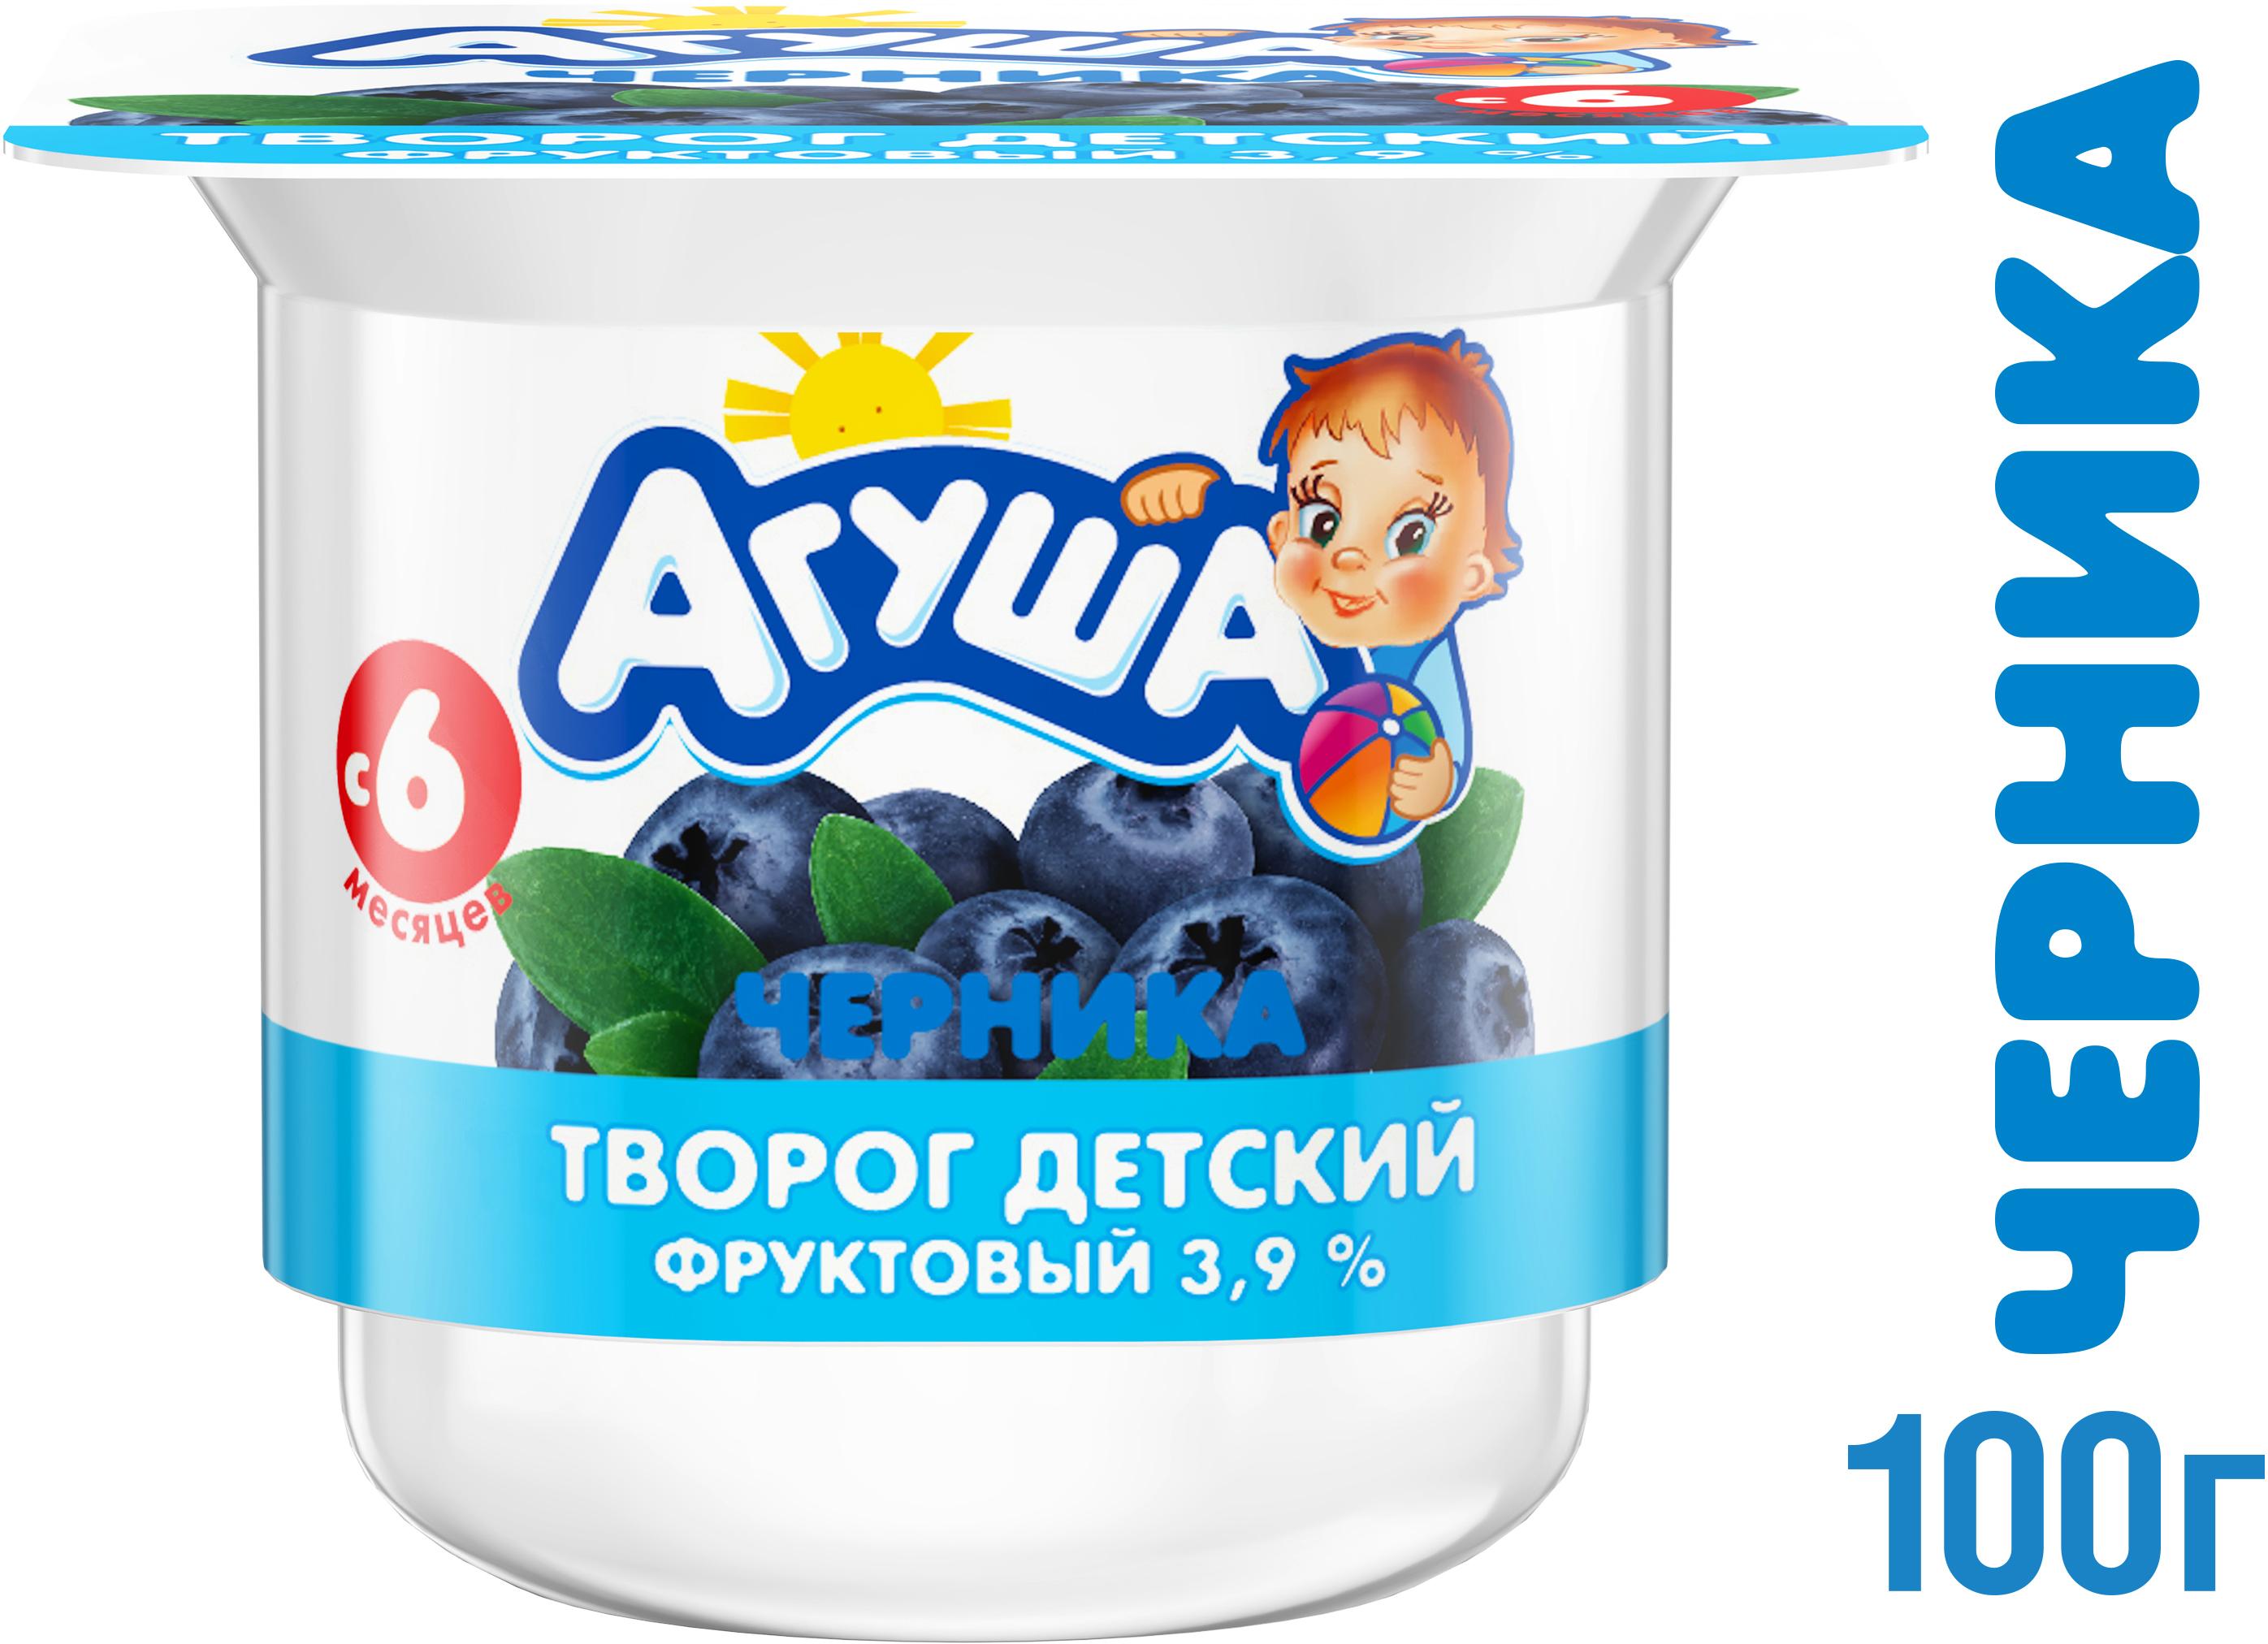 Молочная продукция Агуша Творог Агуша Черника 3,9% с 6 мес. 100 г творог агуша 100 гр черника 3 9